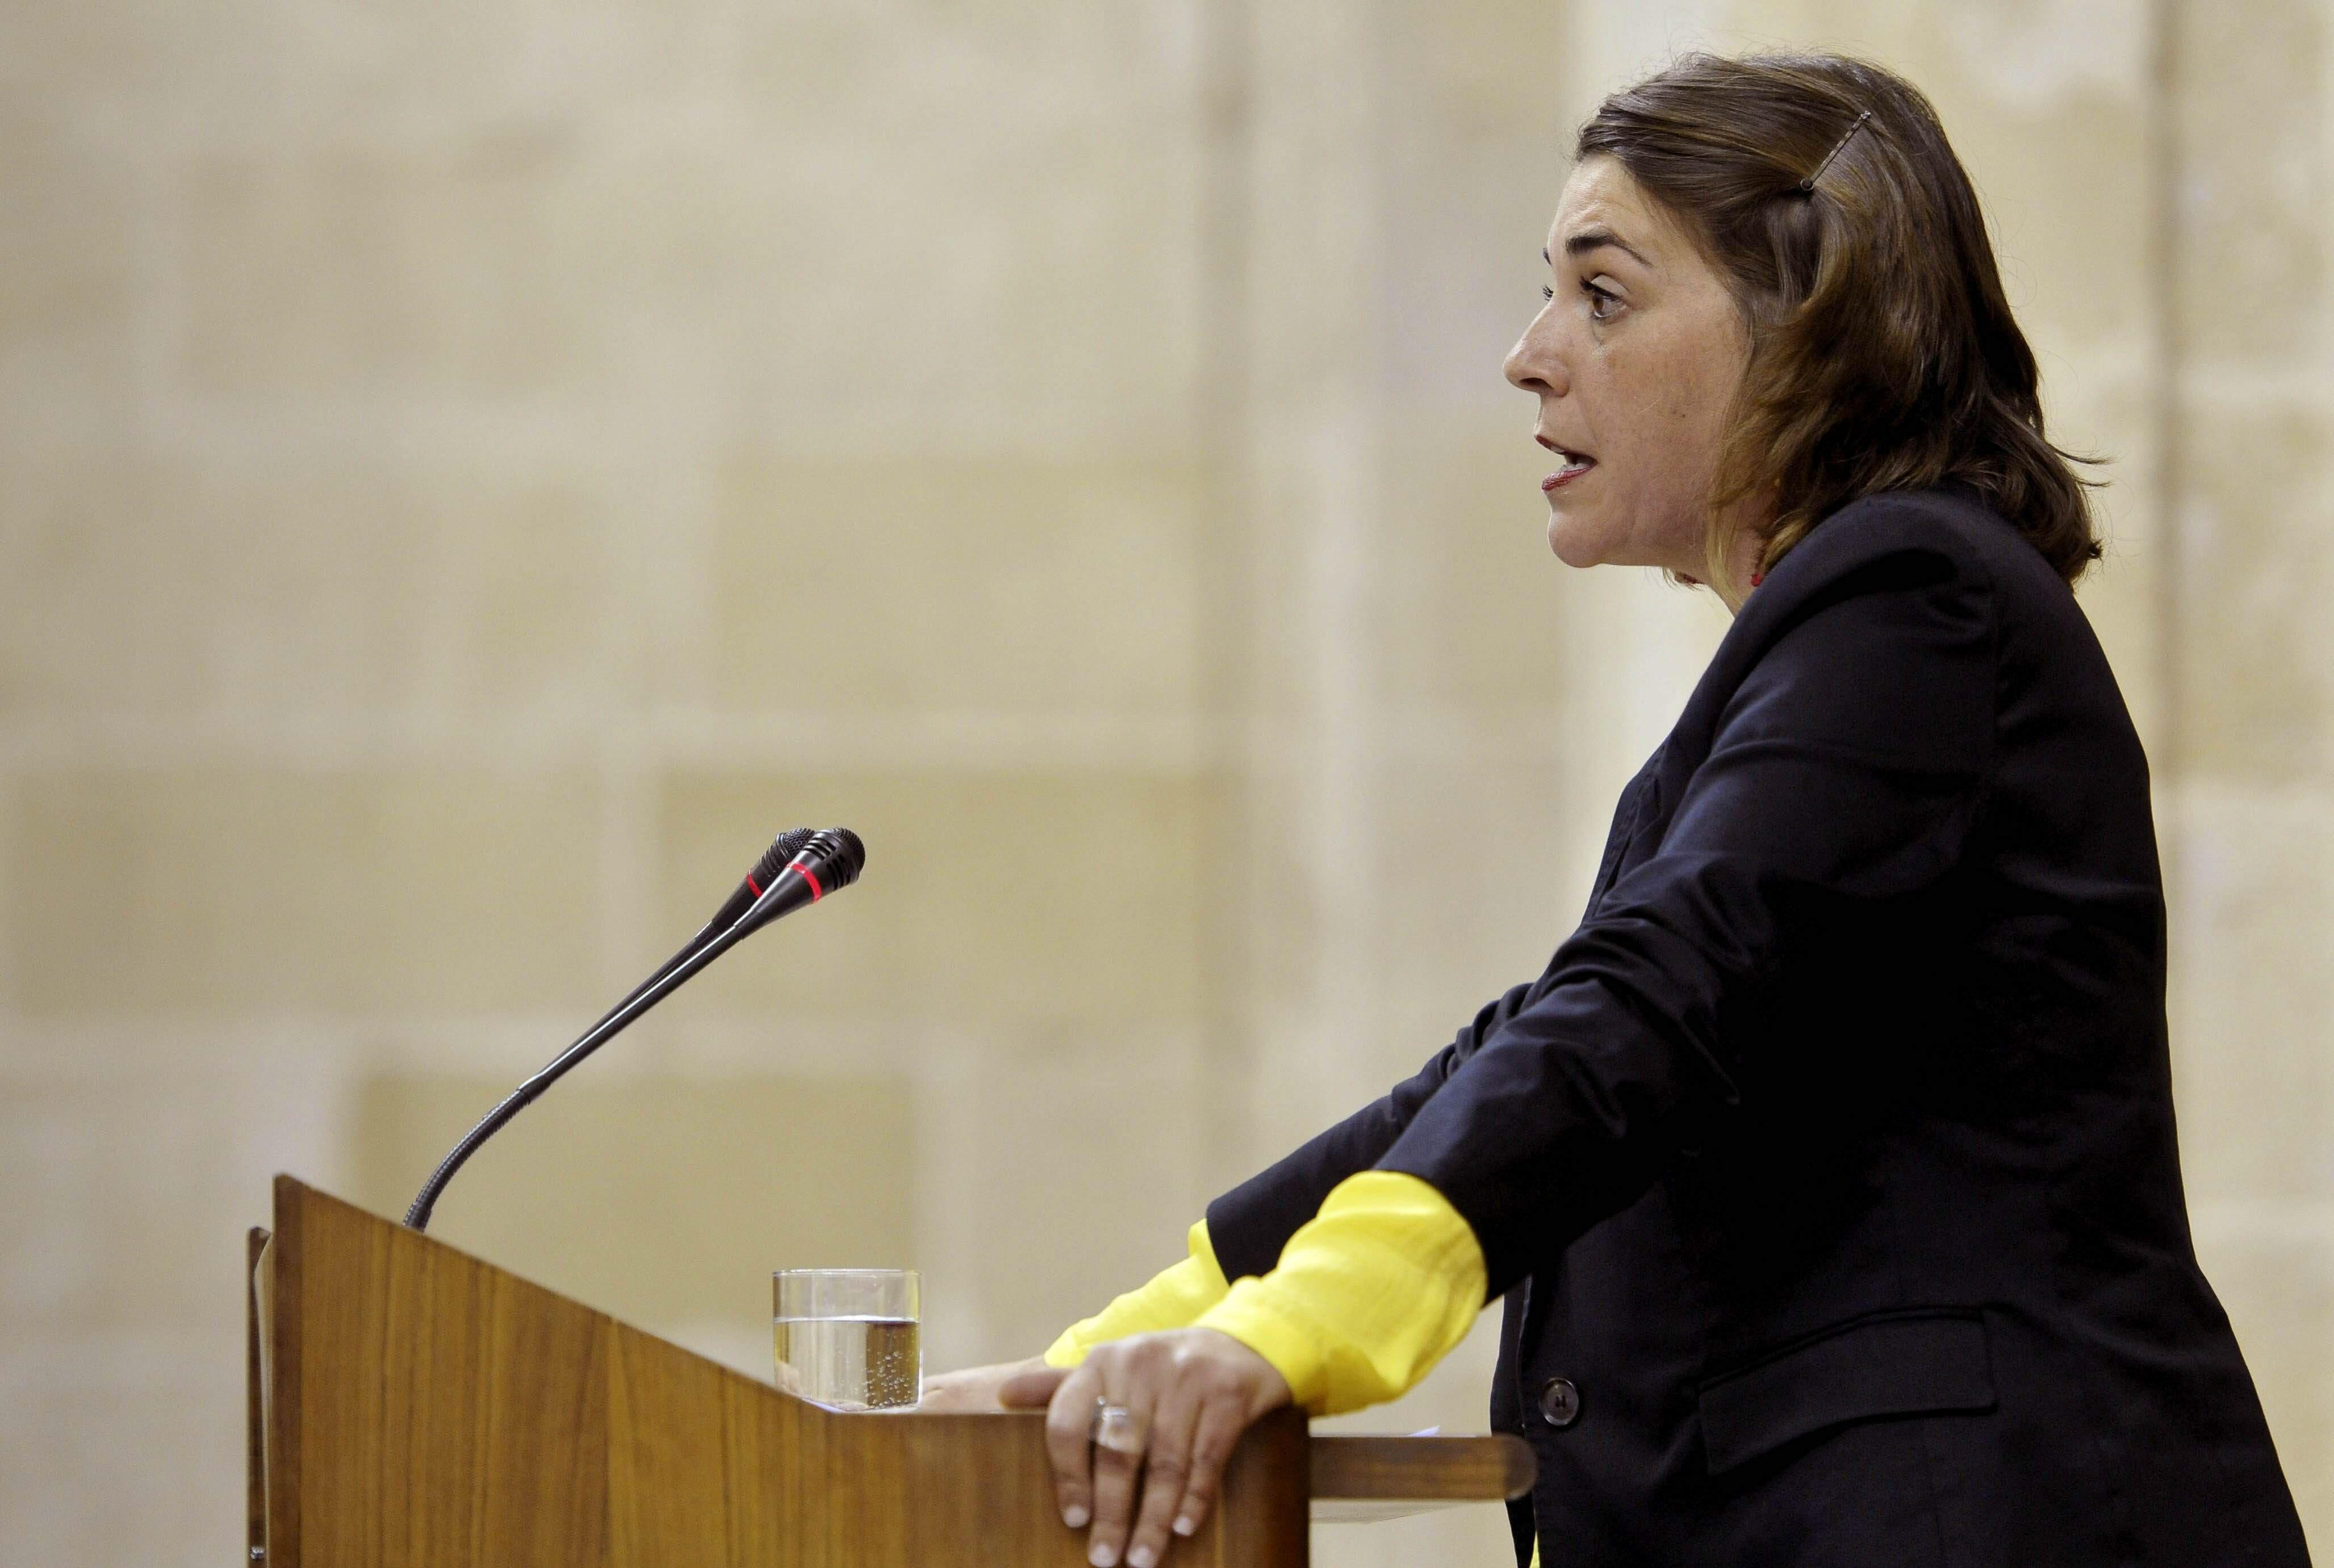 La consejera andaluza de Fomento y Vivienda, Elena Cortés, comparece en el Parlamento este martes. / EFE